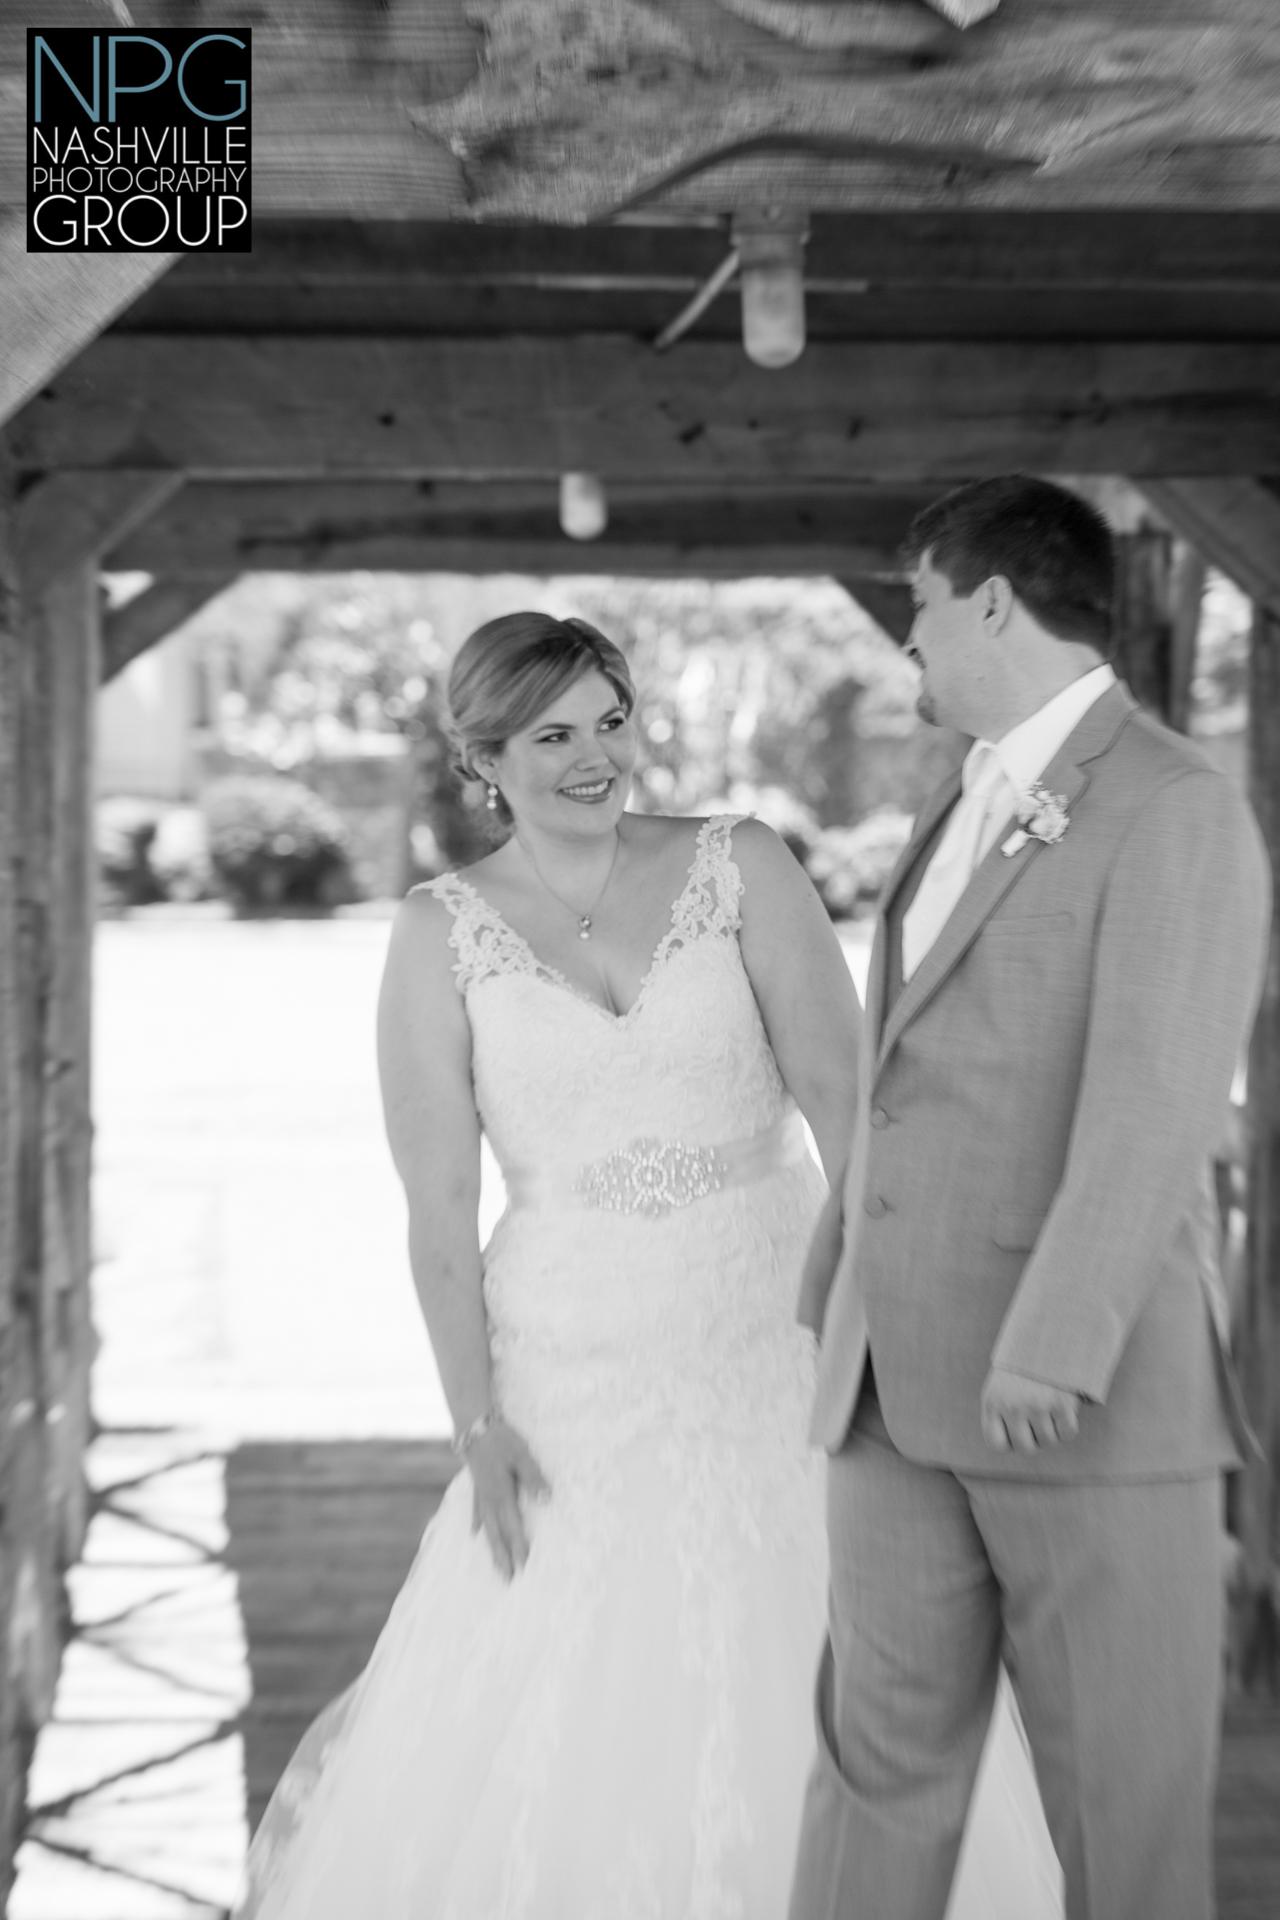 Nashville Photography Group wedding photographers-3-2.jpg